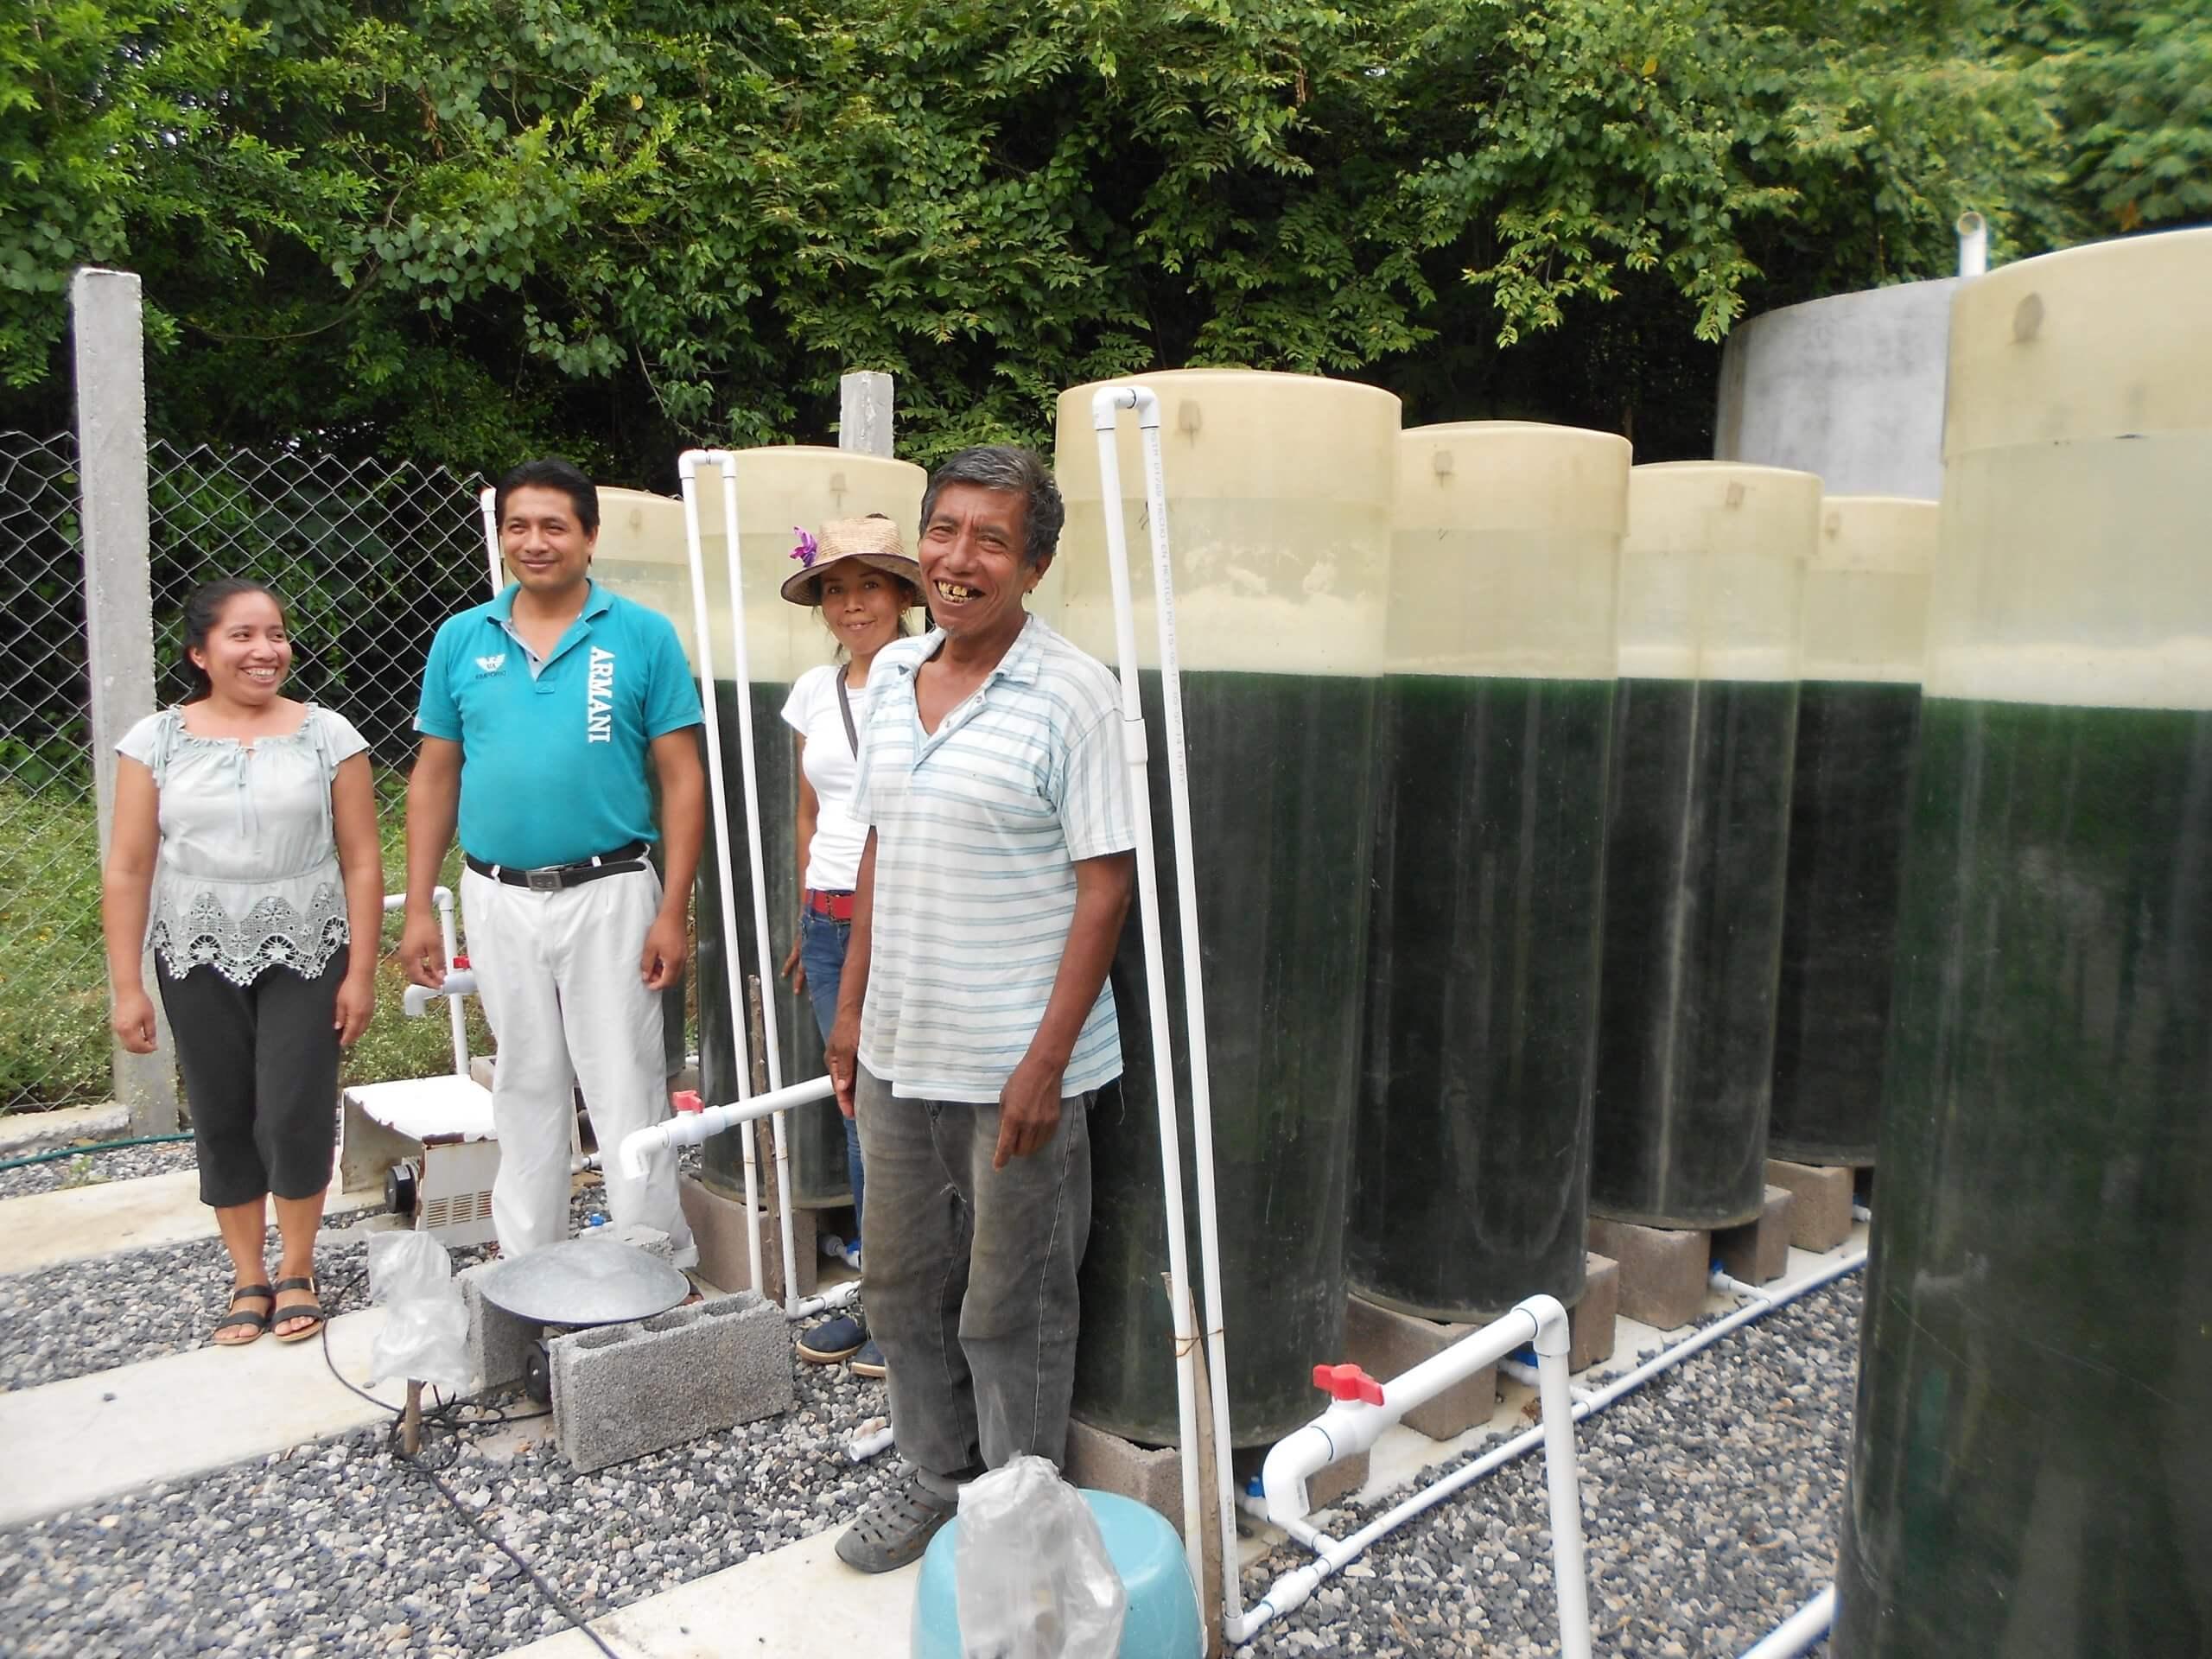 Granjas de alga espirulina para familias tének mal alimentadas de la Huasteca Potosina